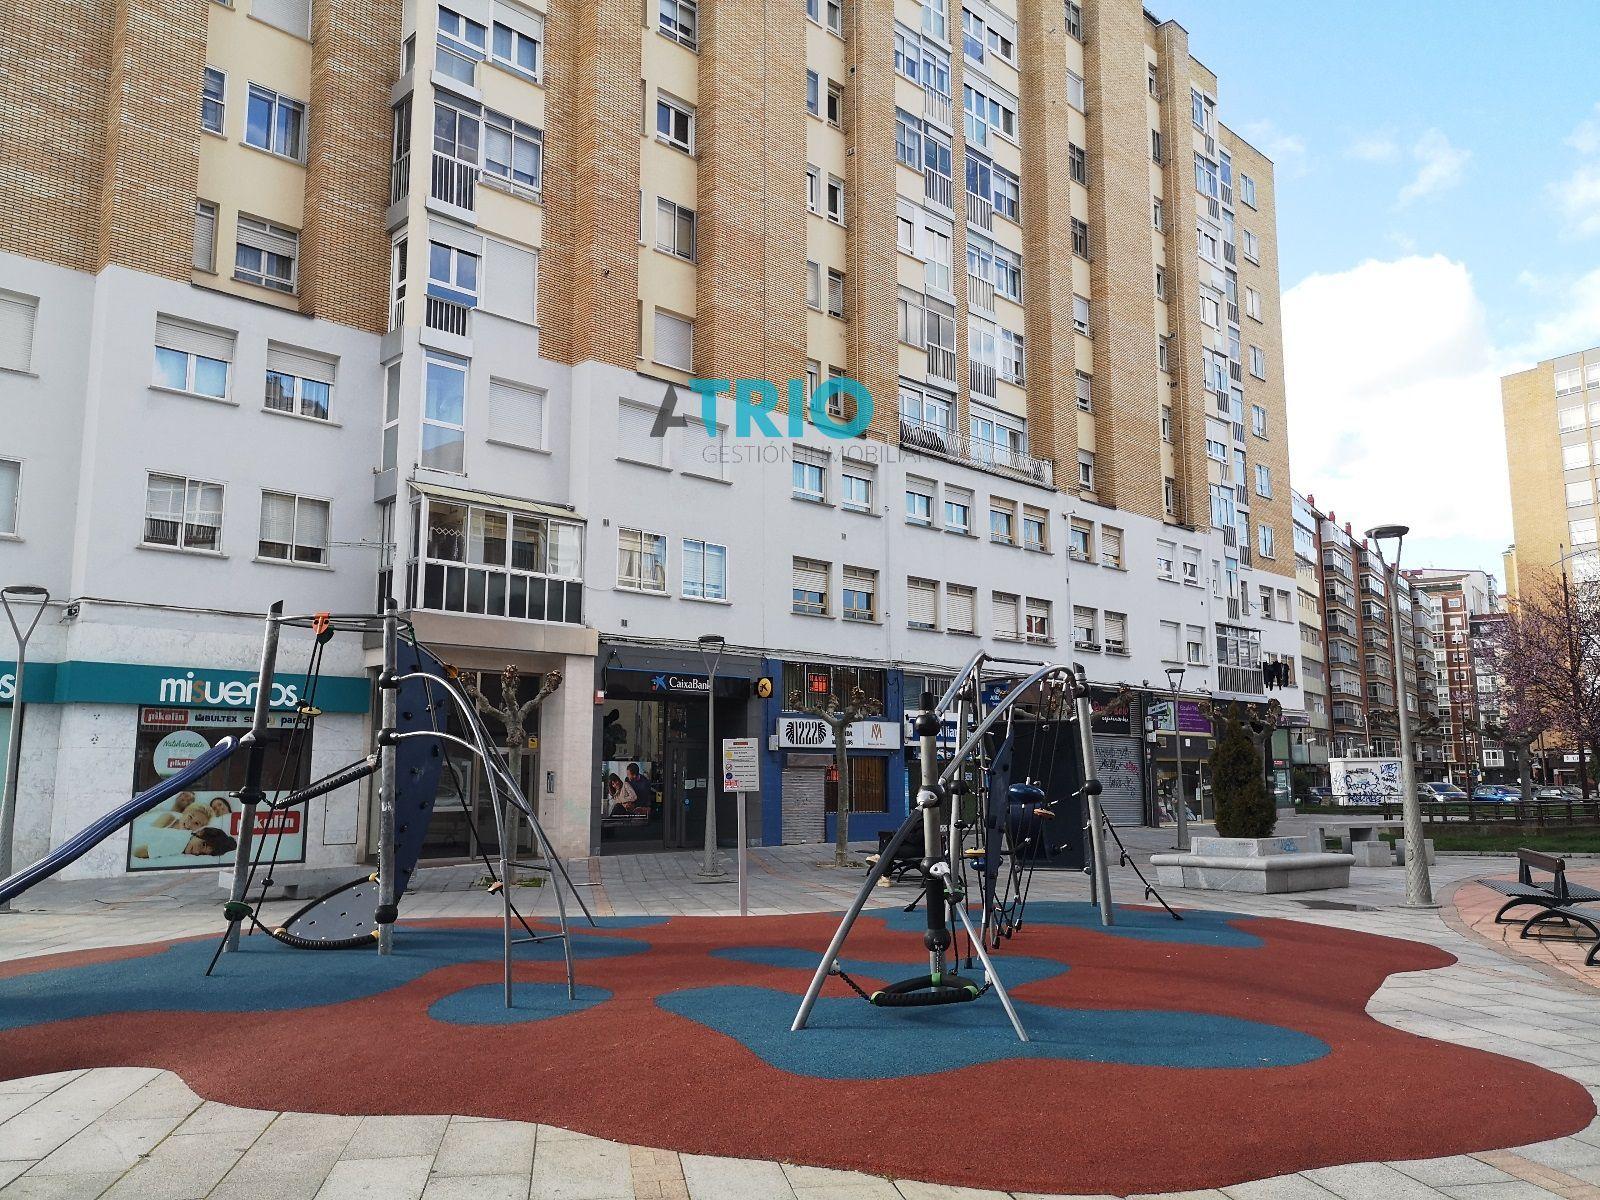 dia.mobiliagestion.es/Portals/inmoatrio/Images/7394/6342522